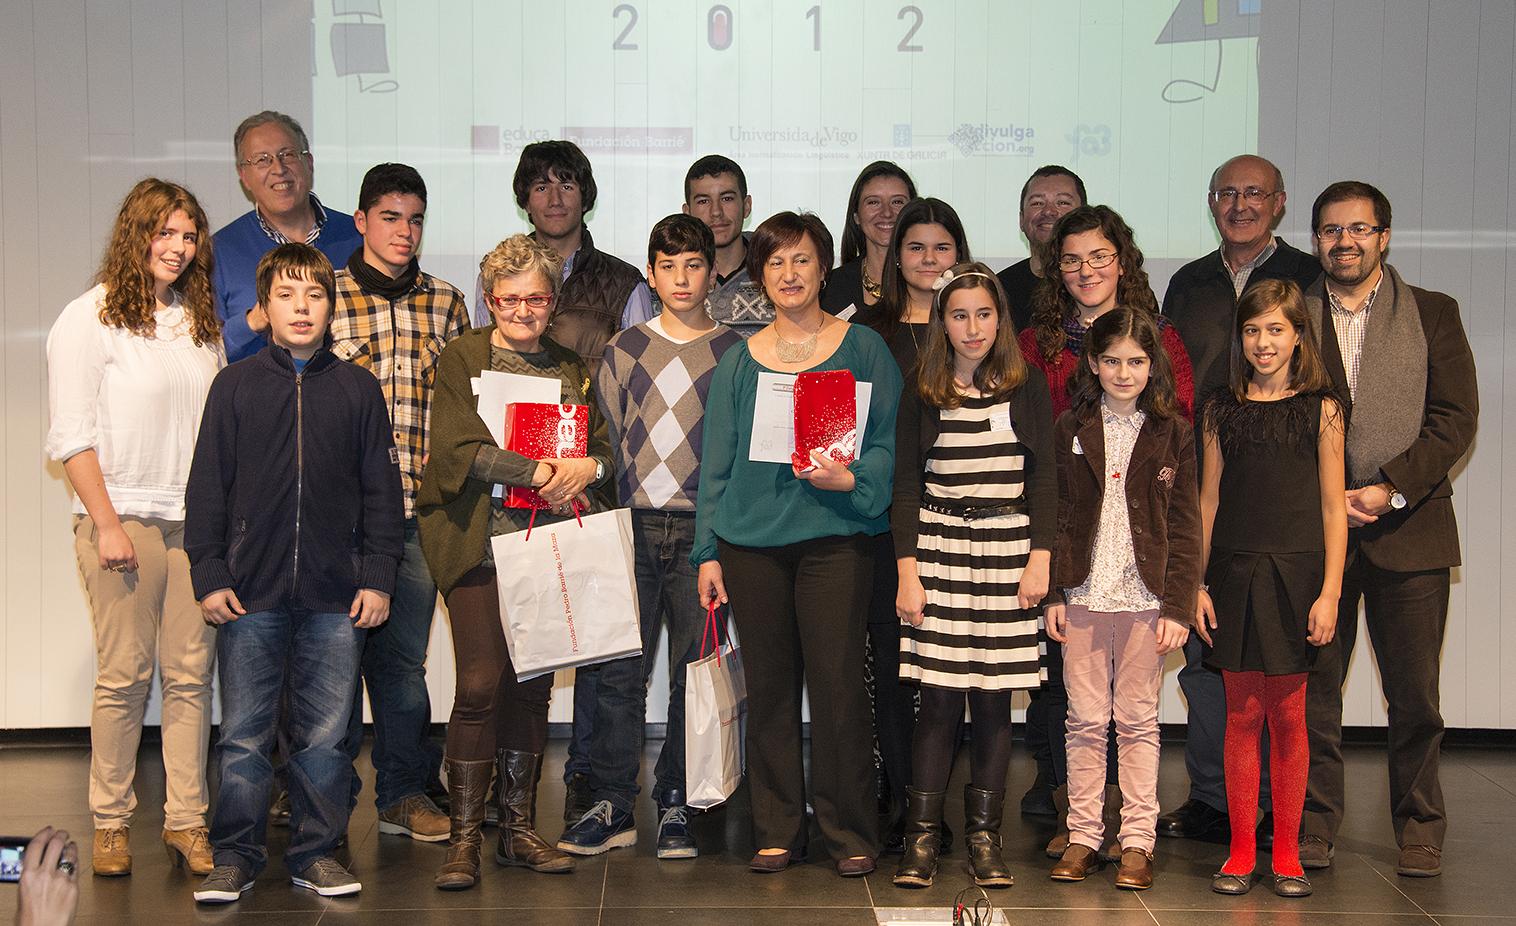 Premios en grupo - 1425